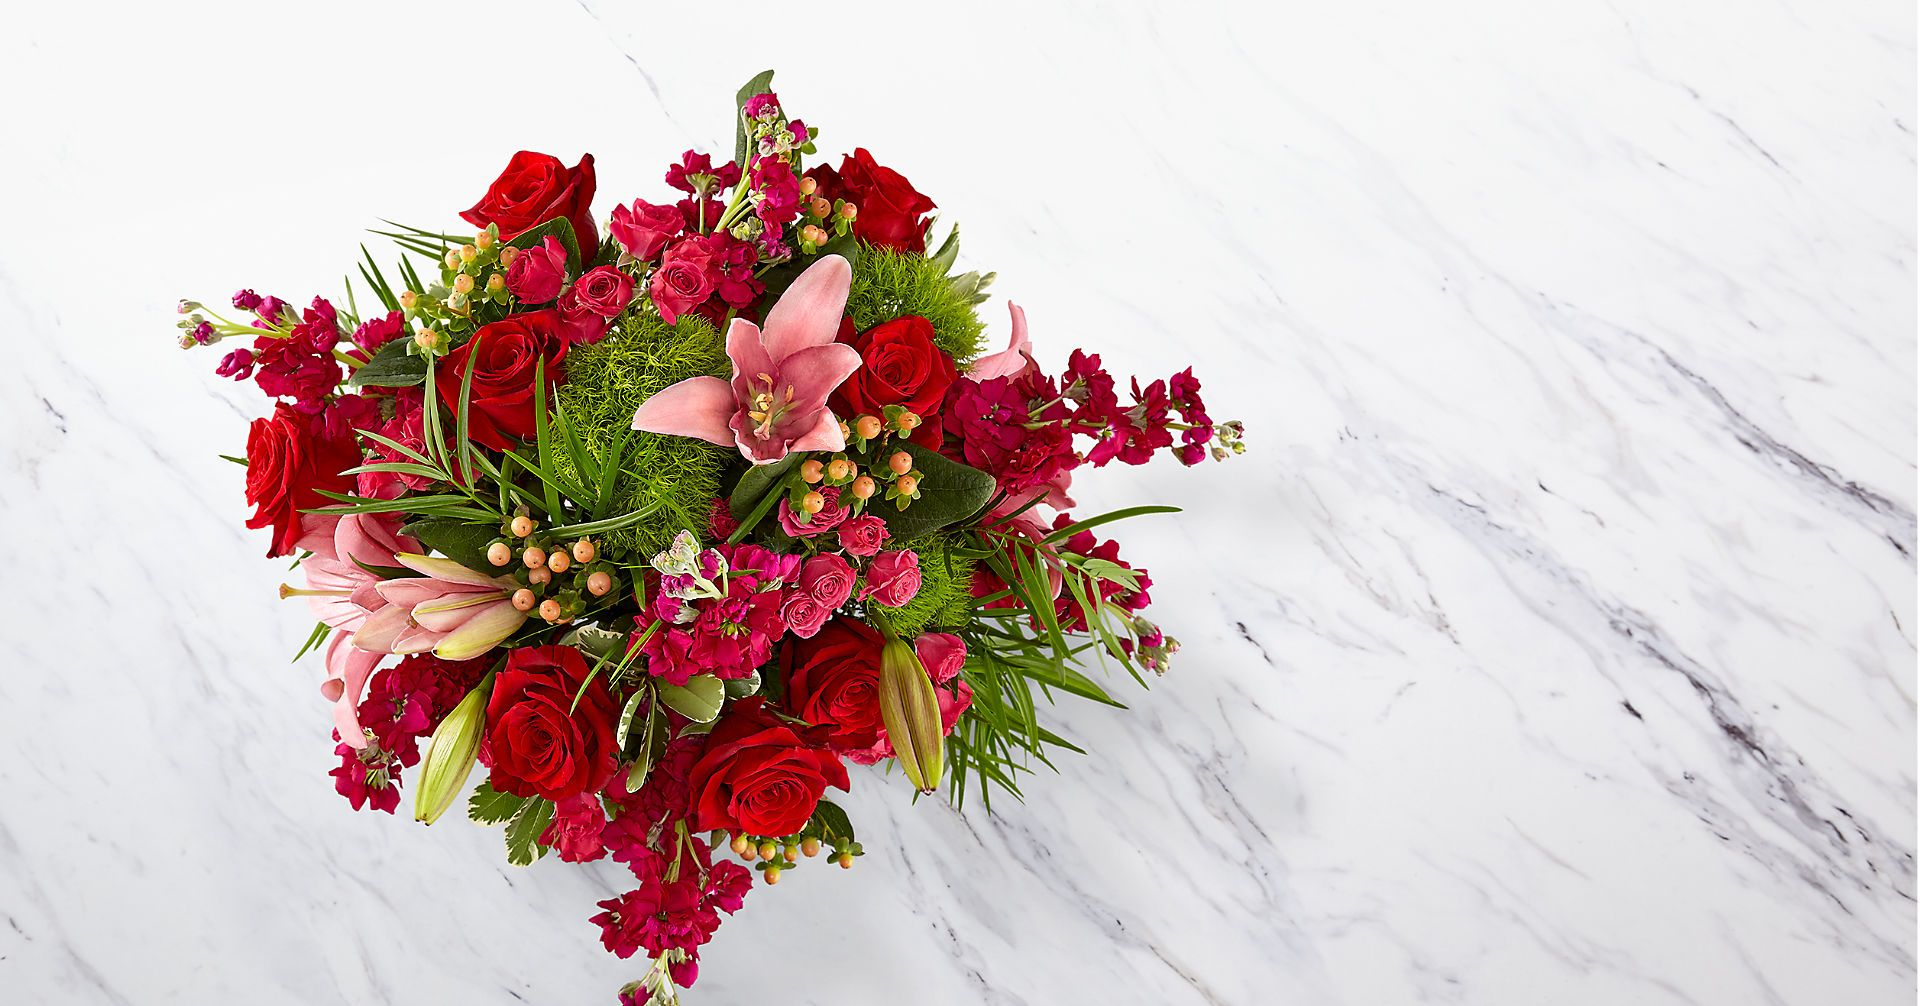 33a4af99aa2106b14849a19fd05999db - Carmine's Florist Palm Beach Gardens